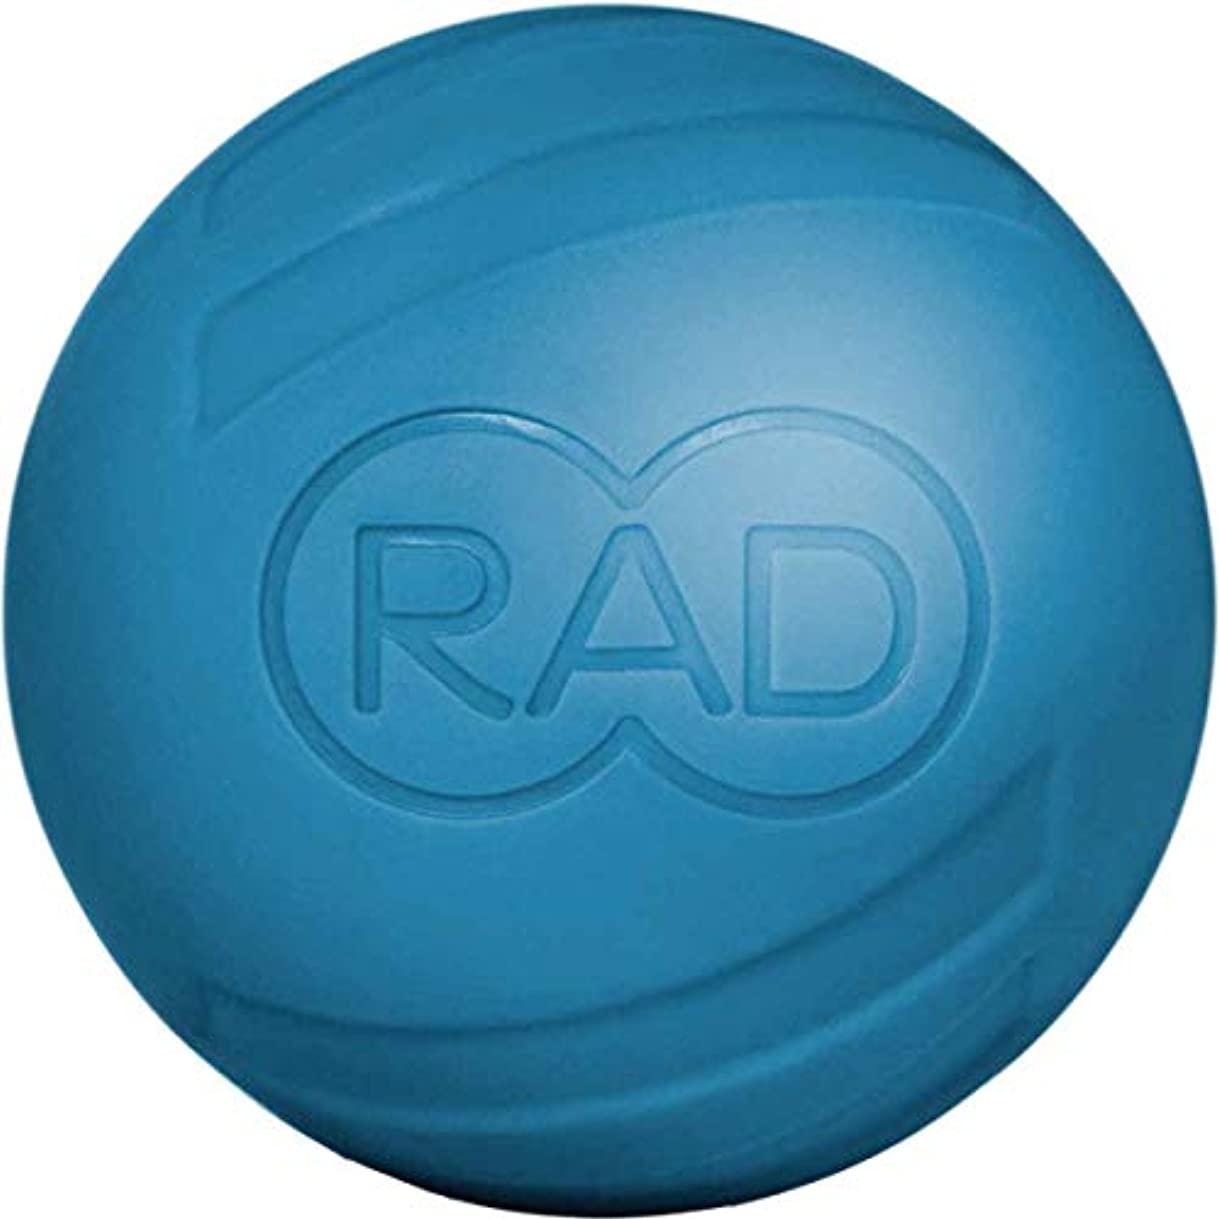 冷笑する酸素裁判官RAD アトム|高密度筋膜リリースツール|セルフマッサージで可動性と回復を促します